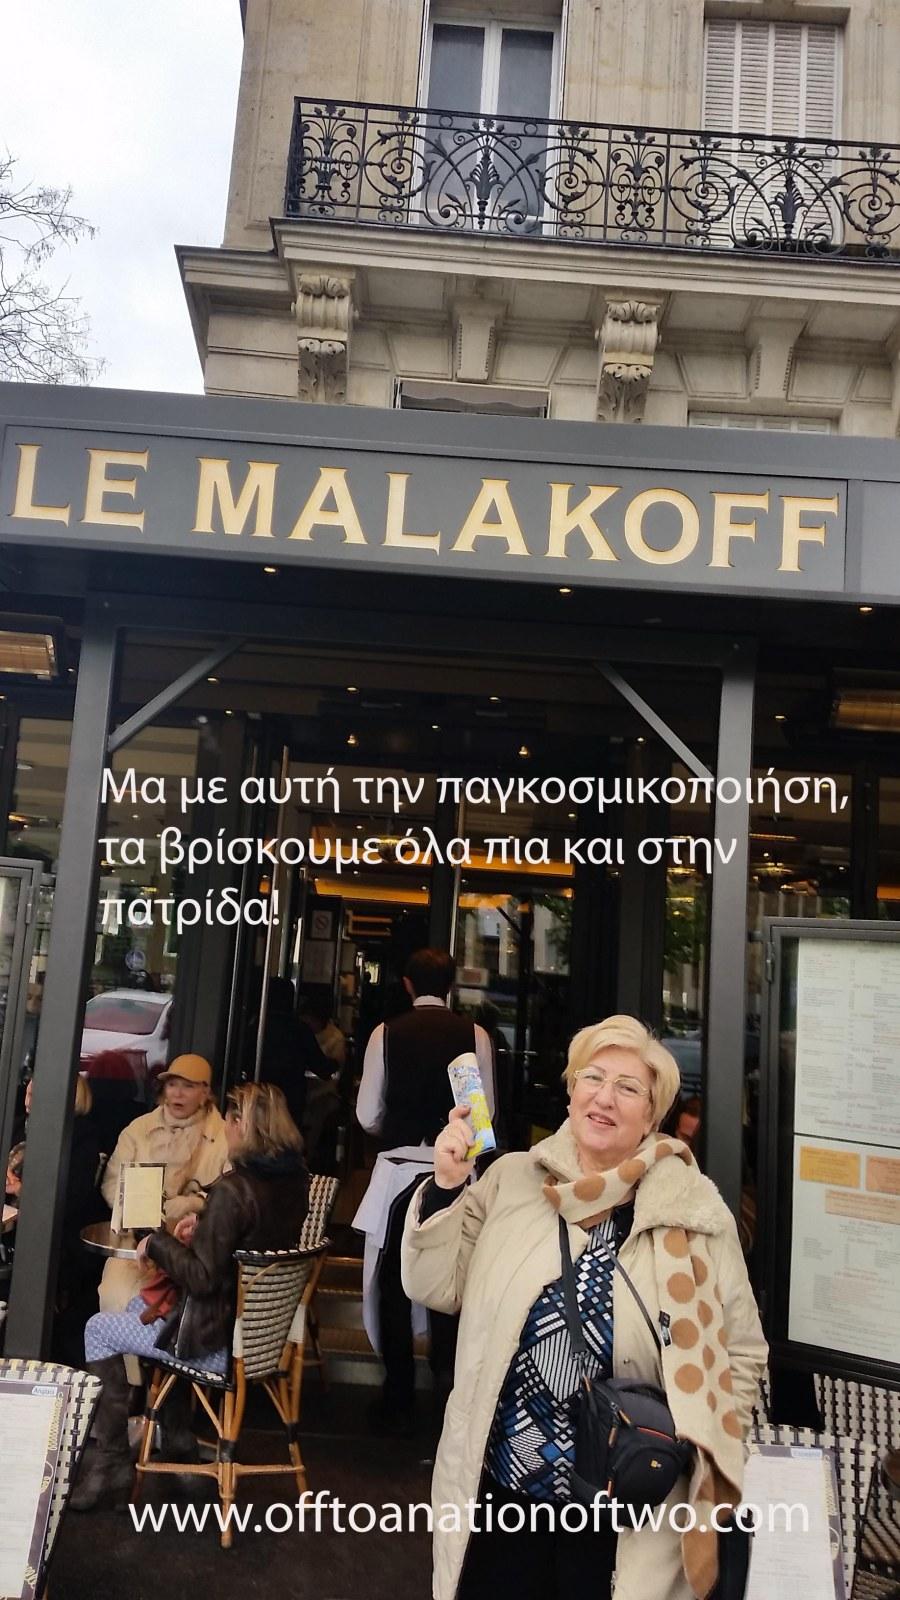 Λε Μαλακόφ copy